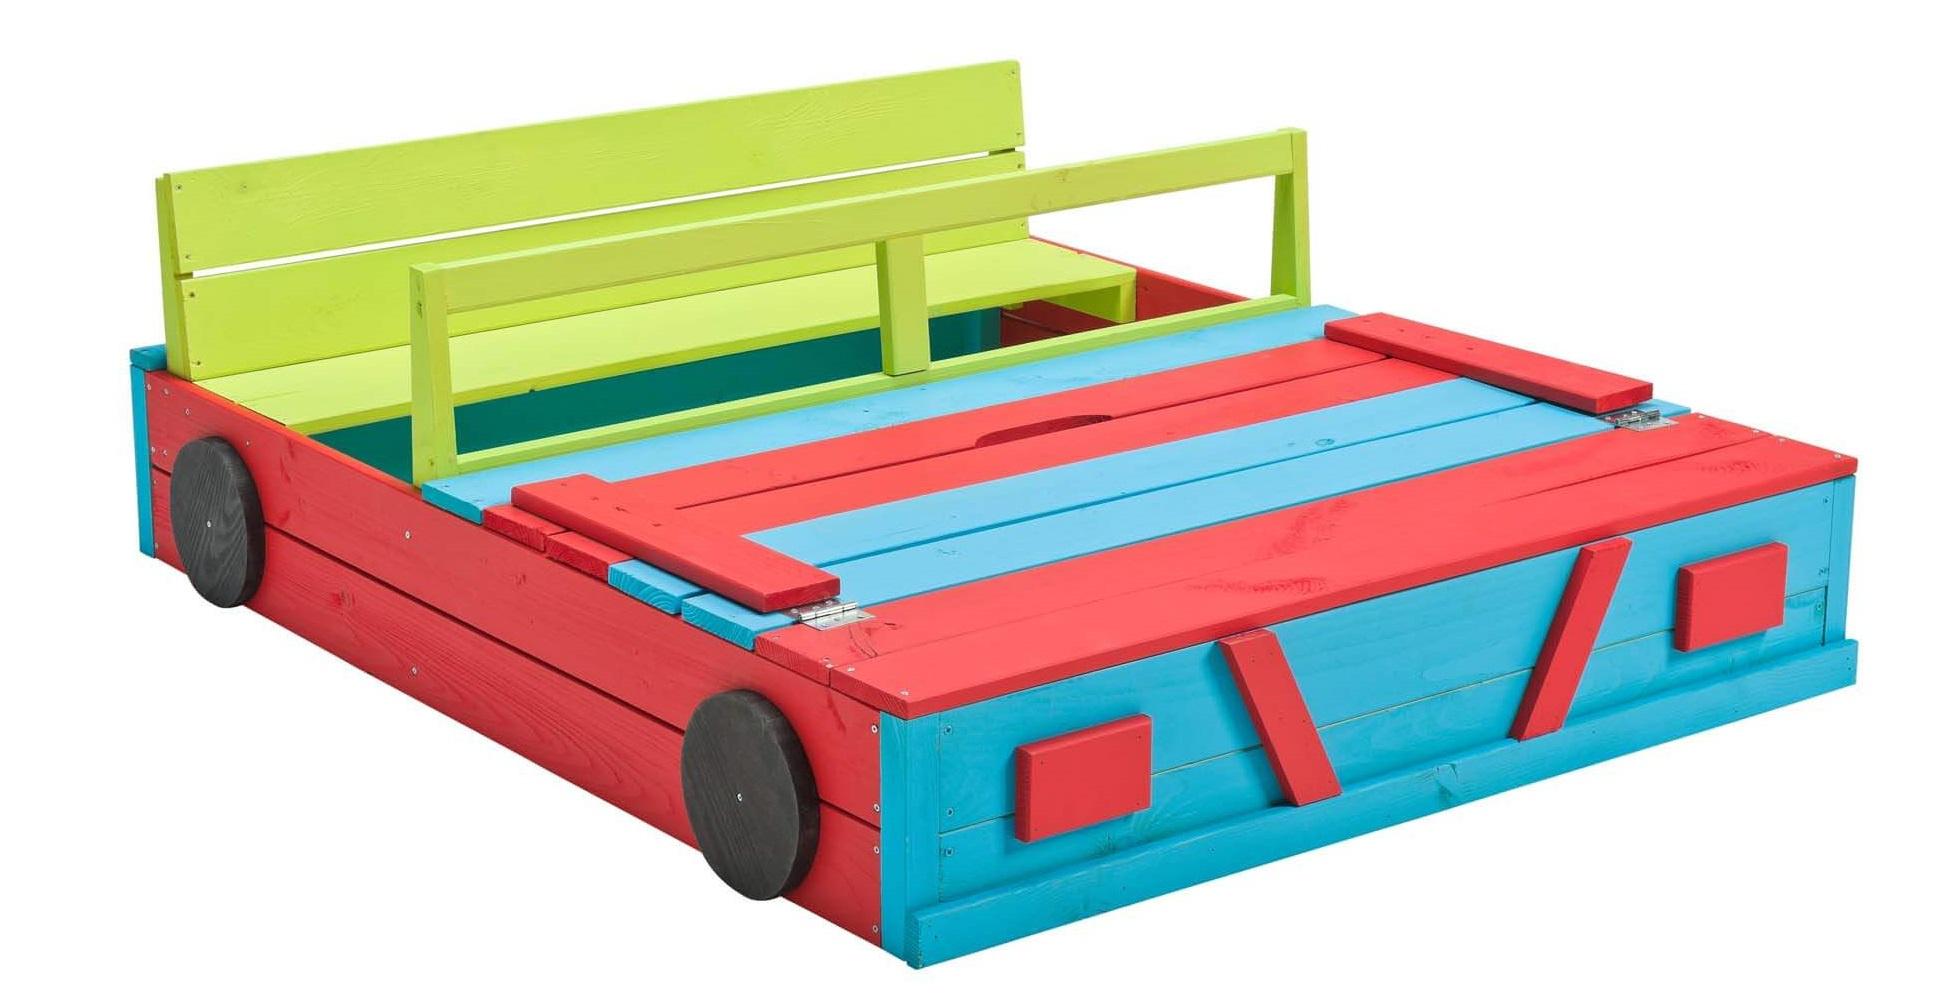 Swing King sandkasten Auto 120x100x20cm FSC-imprägniert mehrfarbig